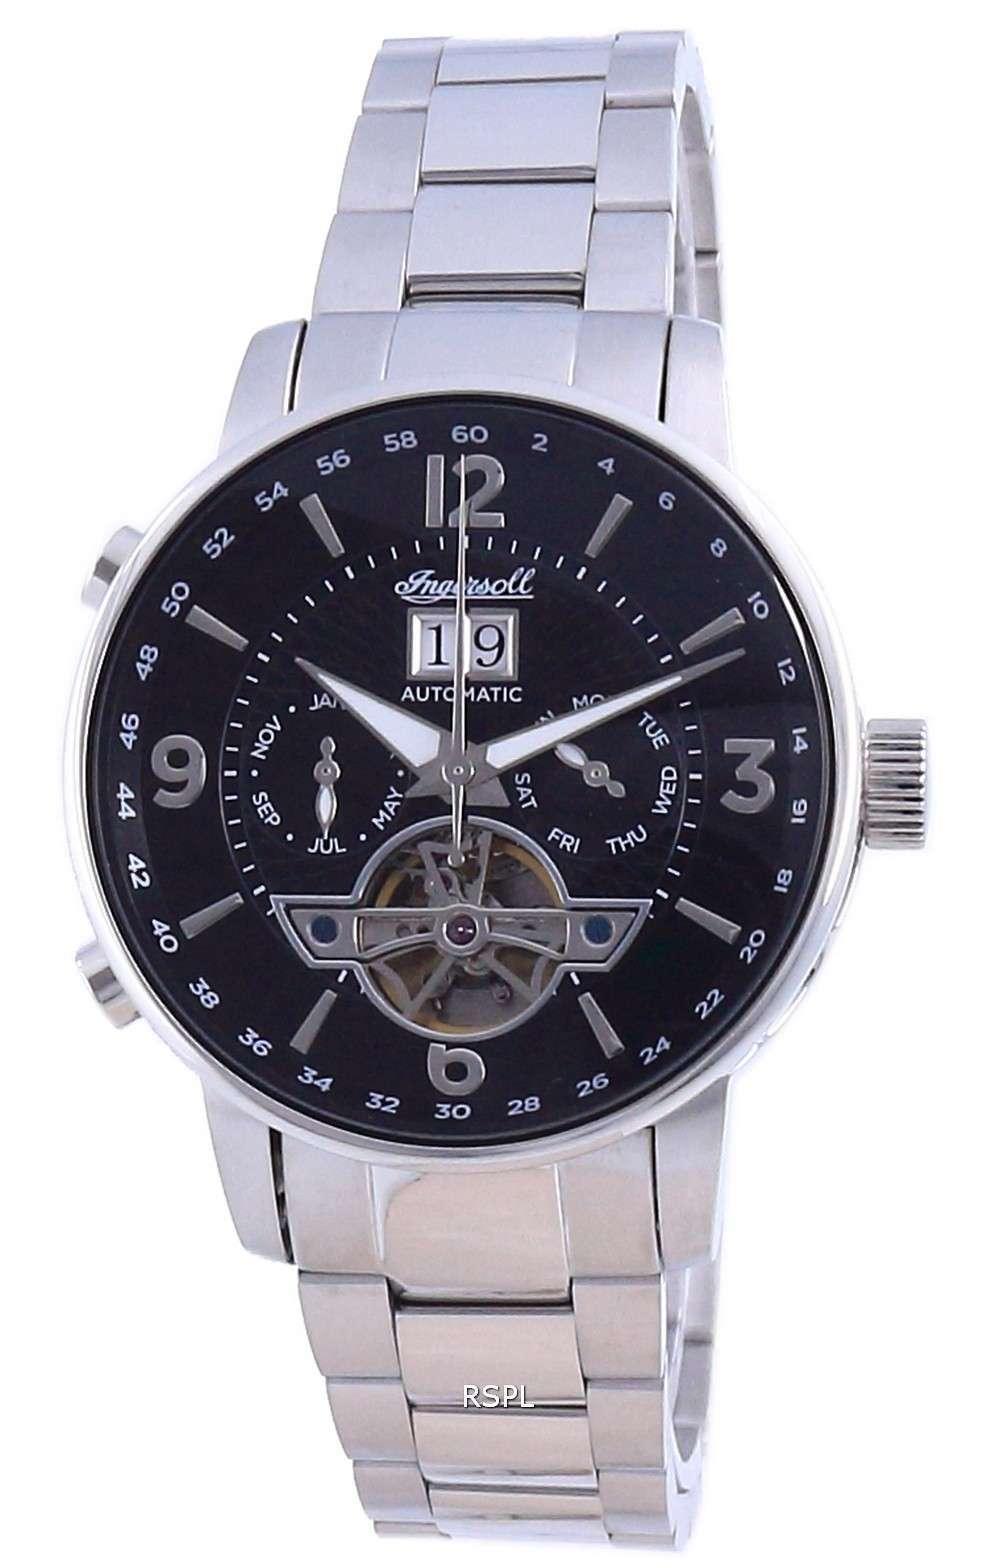 Reloj para hombre Ingersoll The Grafton, esfera negra, corazón abierto, automático, I00704